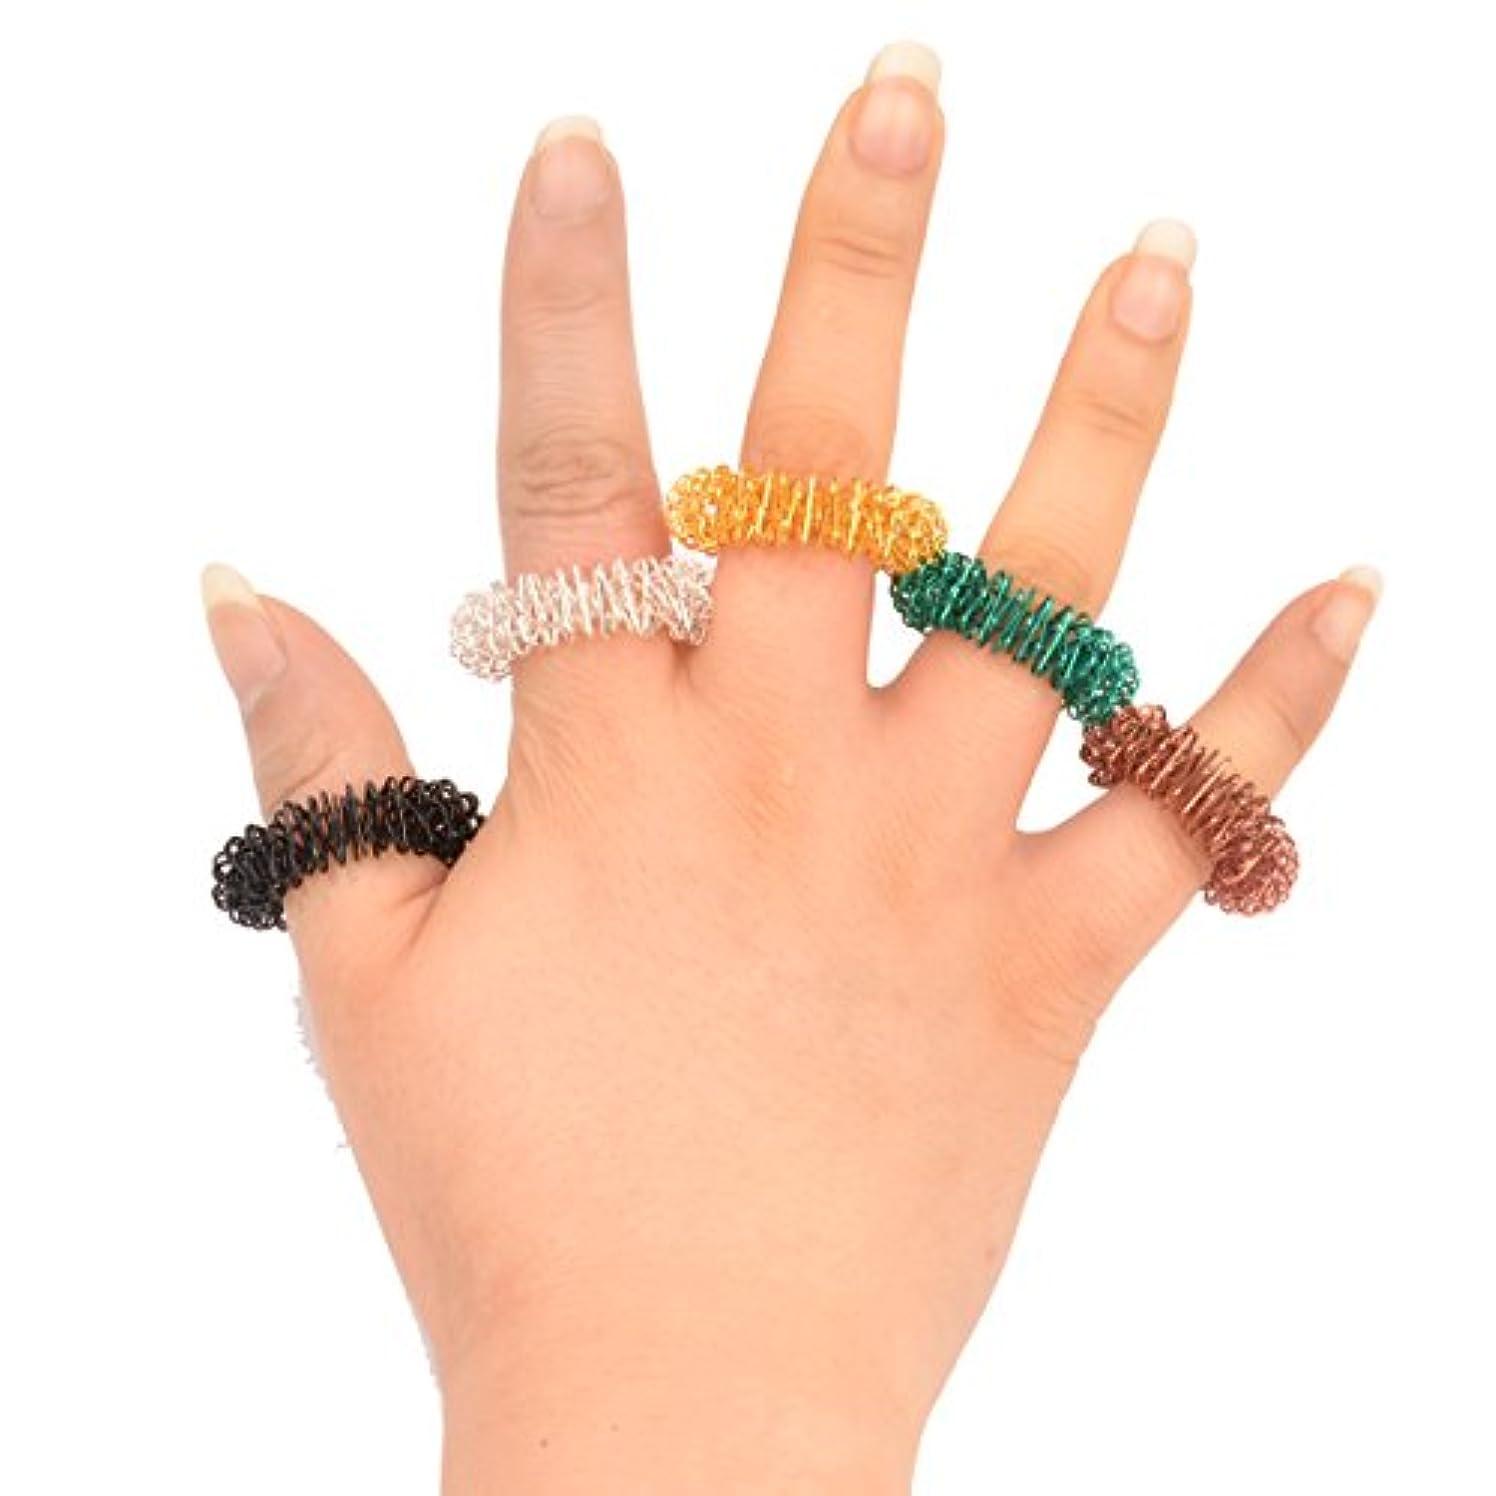 刺激する時代大洪水(Ckeyin) マッサージリング 5個入り 爪もみリング 色はランダムによって配送されます (5個)